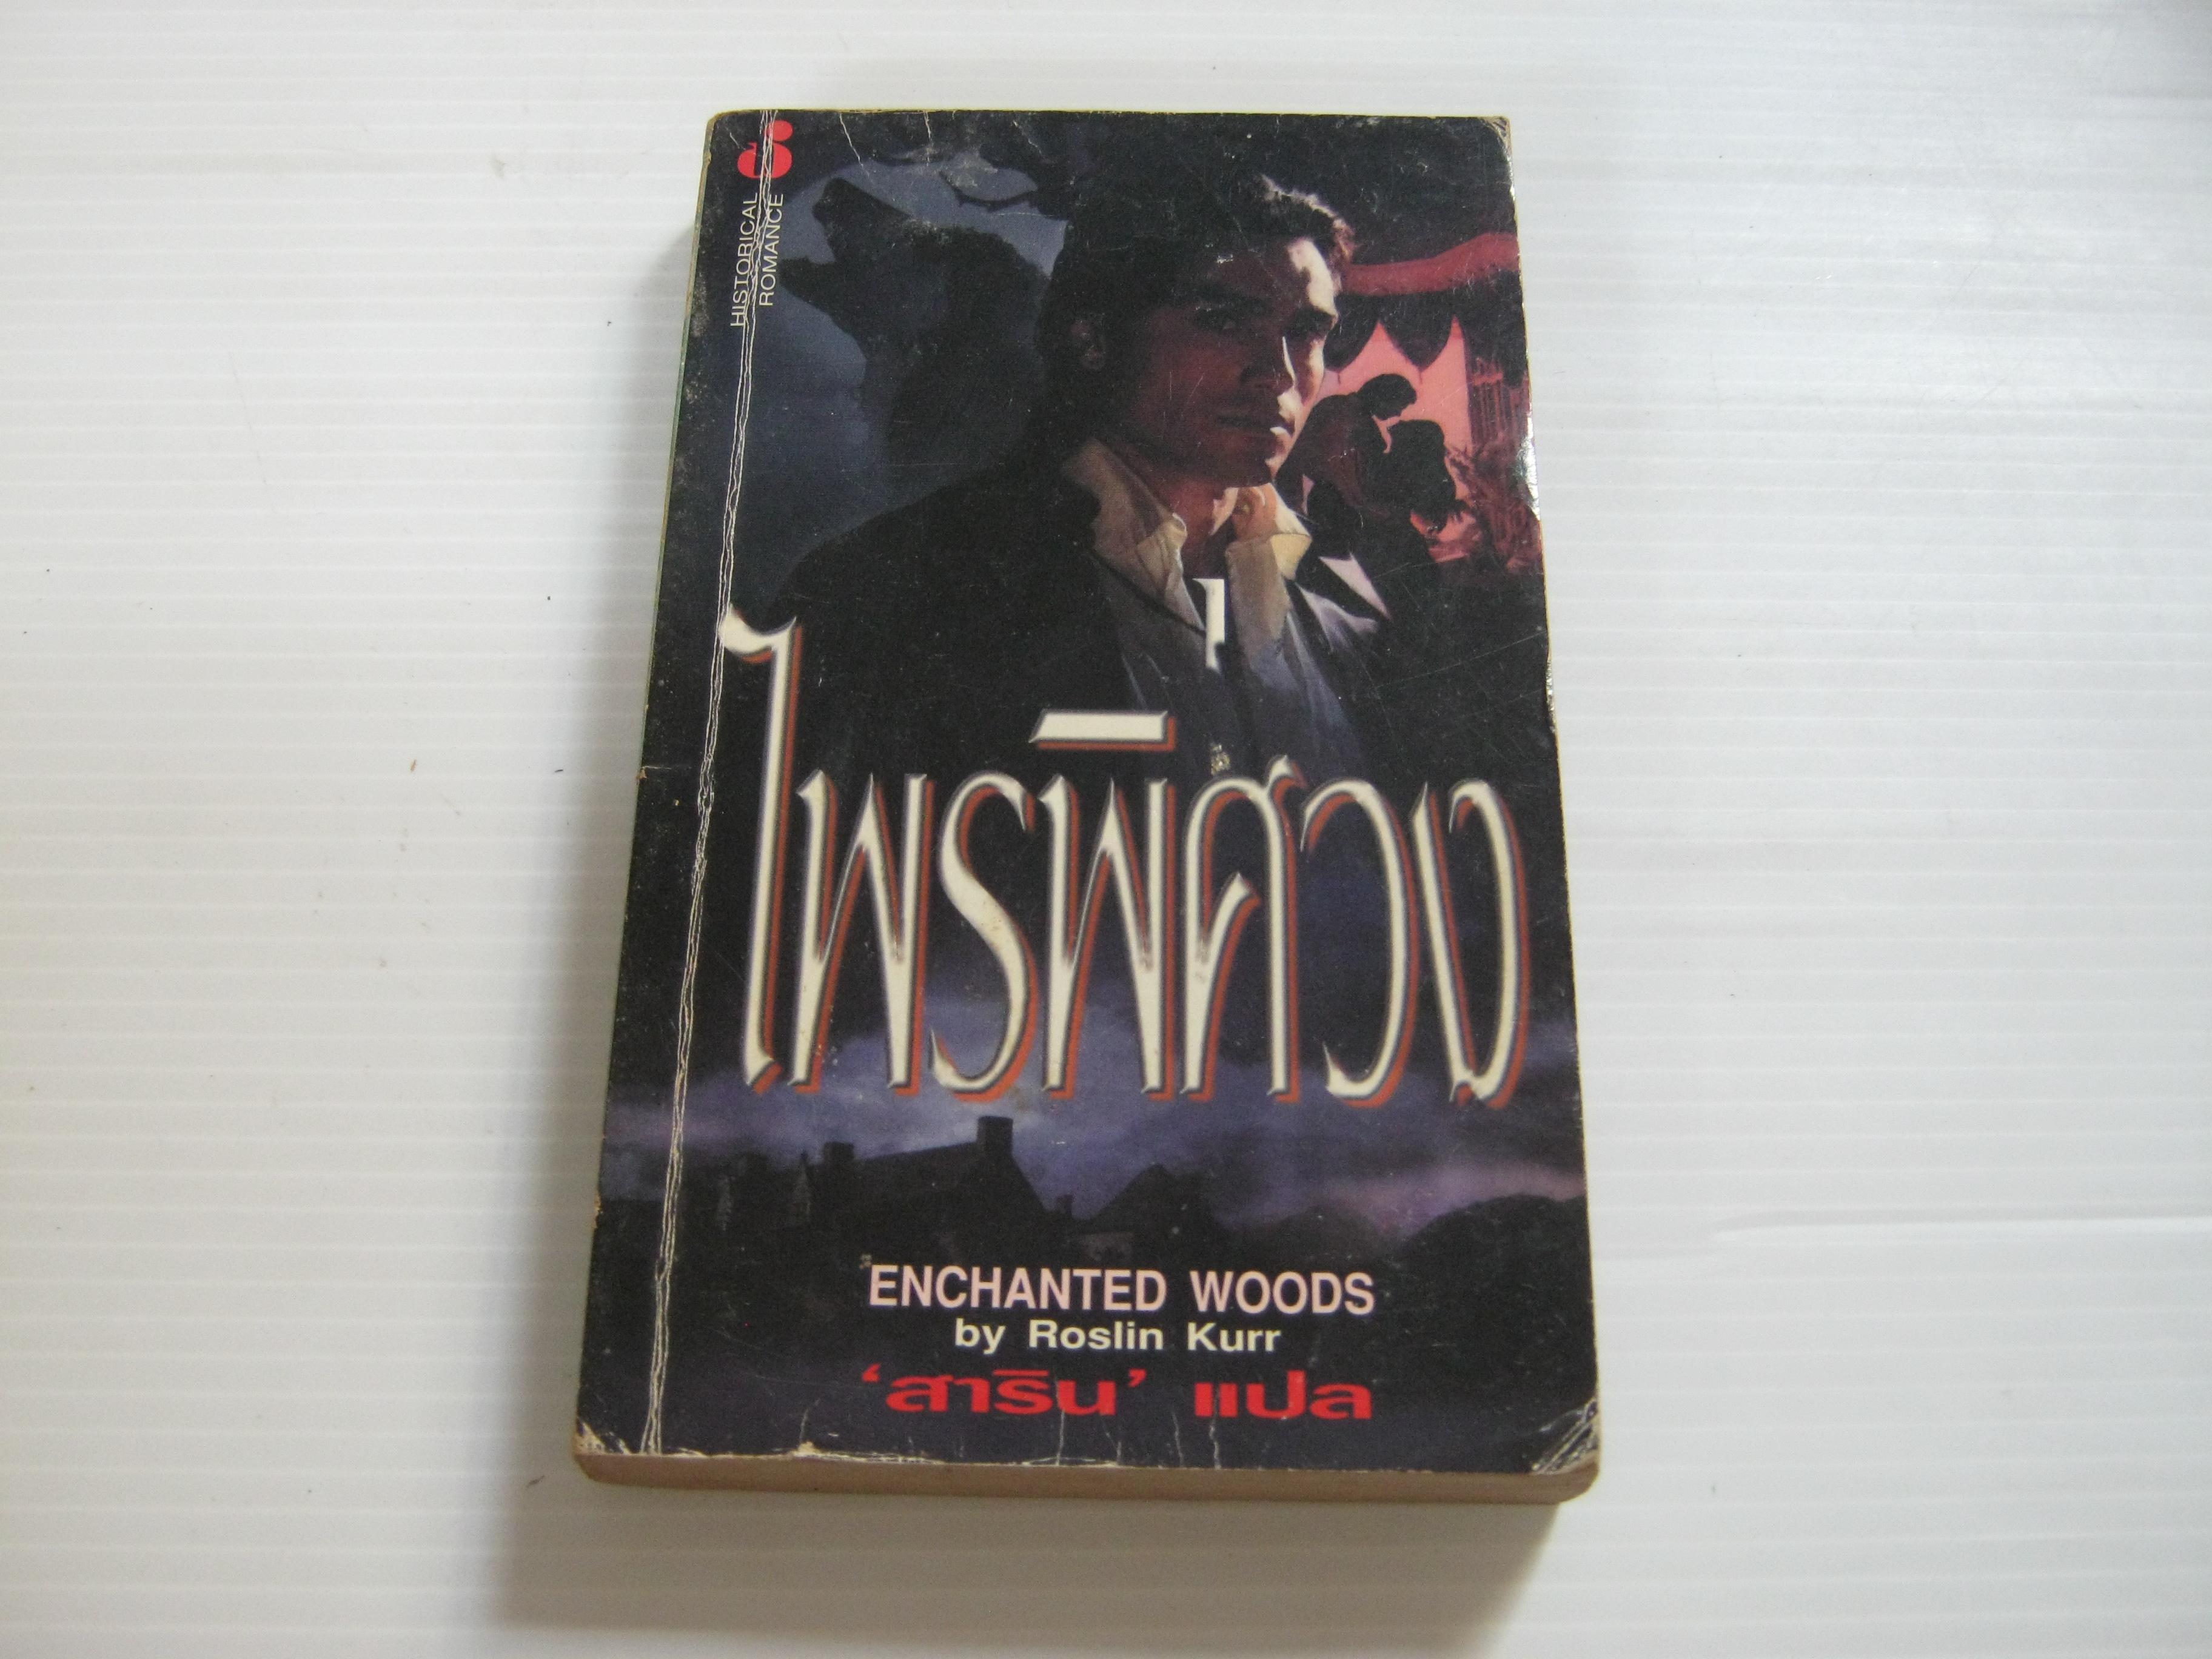 ไพรพิศวง (Enchanted Woods) Roslin Kurr เขียน สาริน แปล